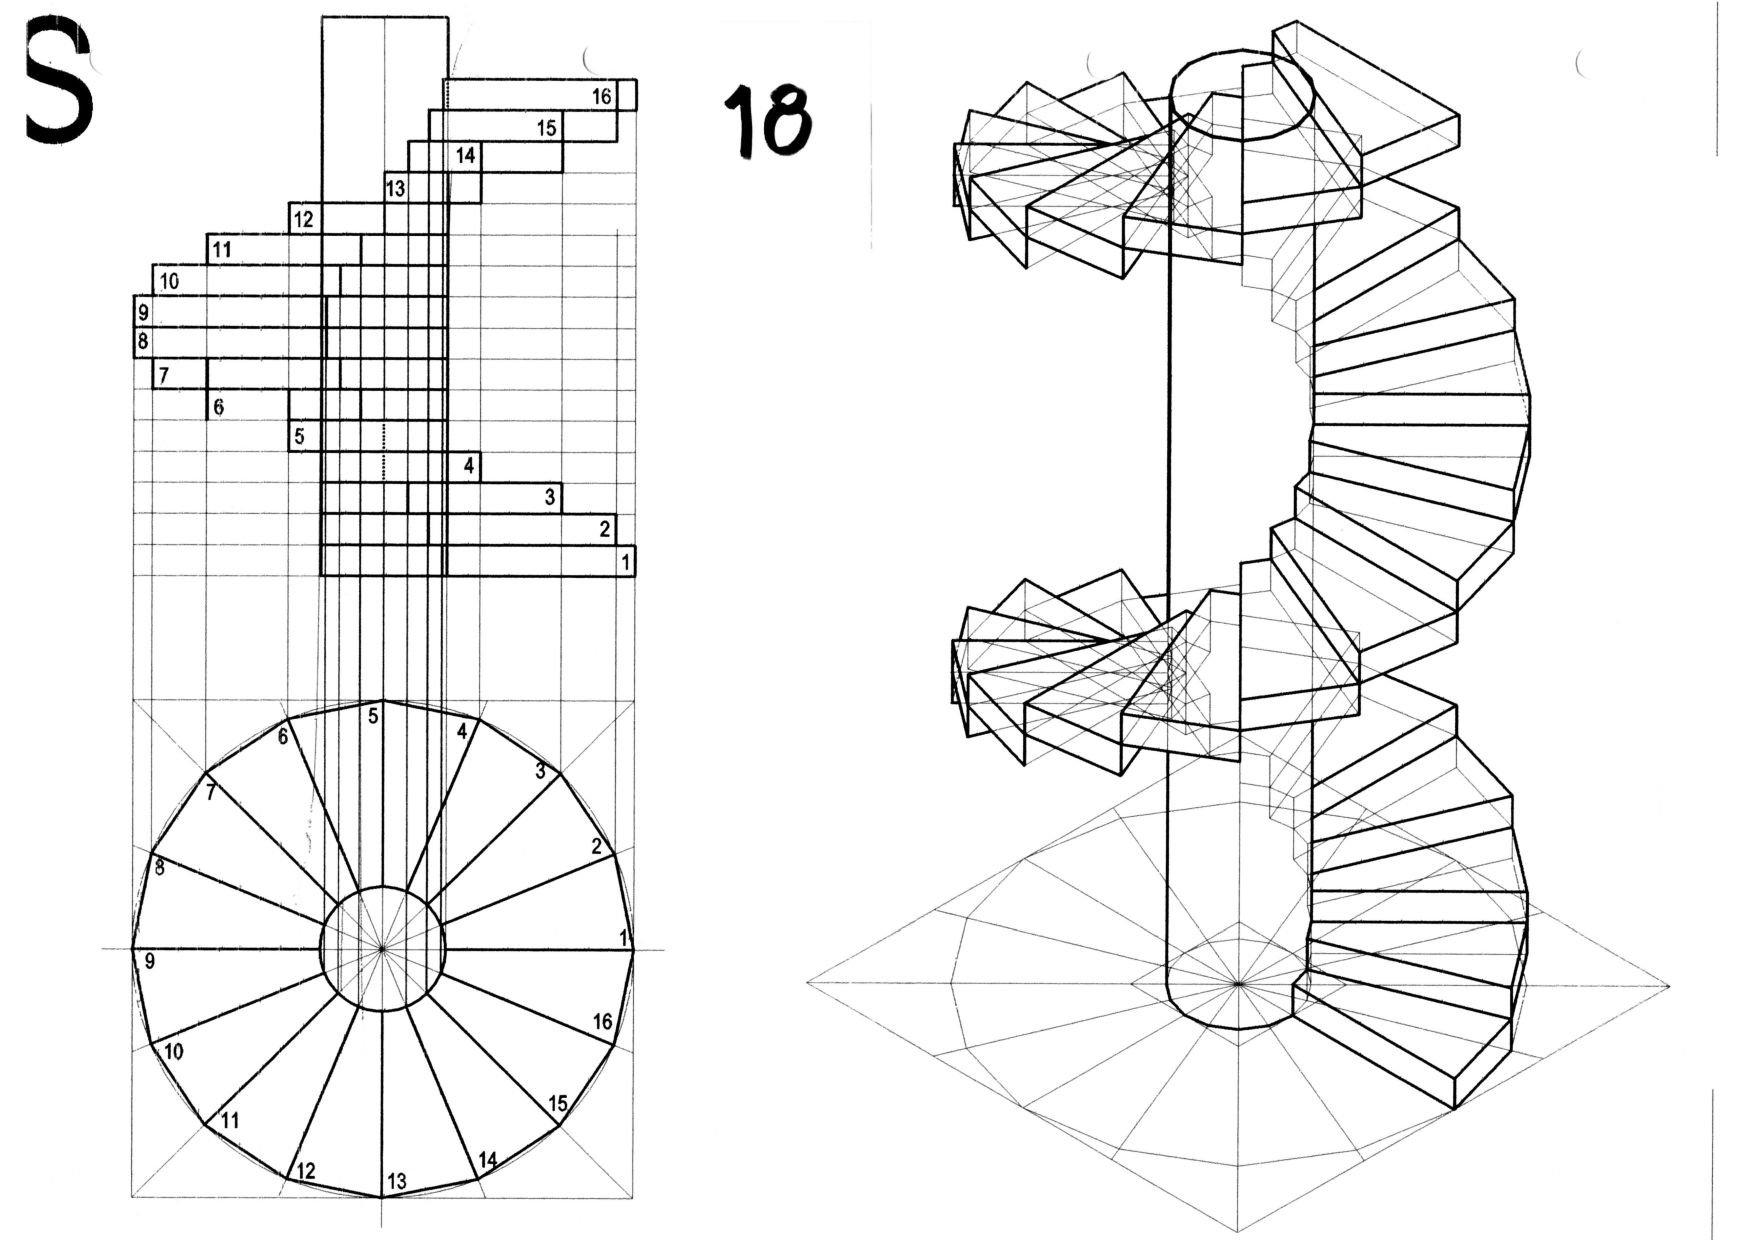 Disegnare Una Scala A Chiocciola come disegnare una scala a chiocciola in pianta – ardusat